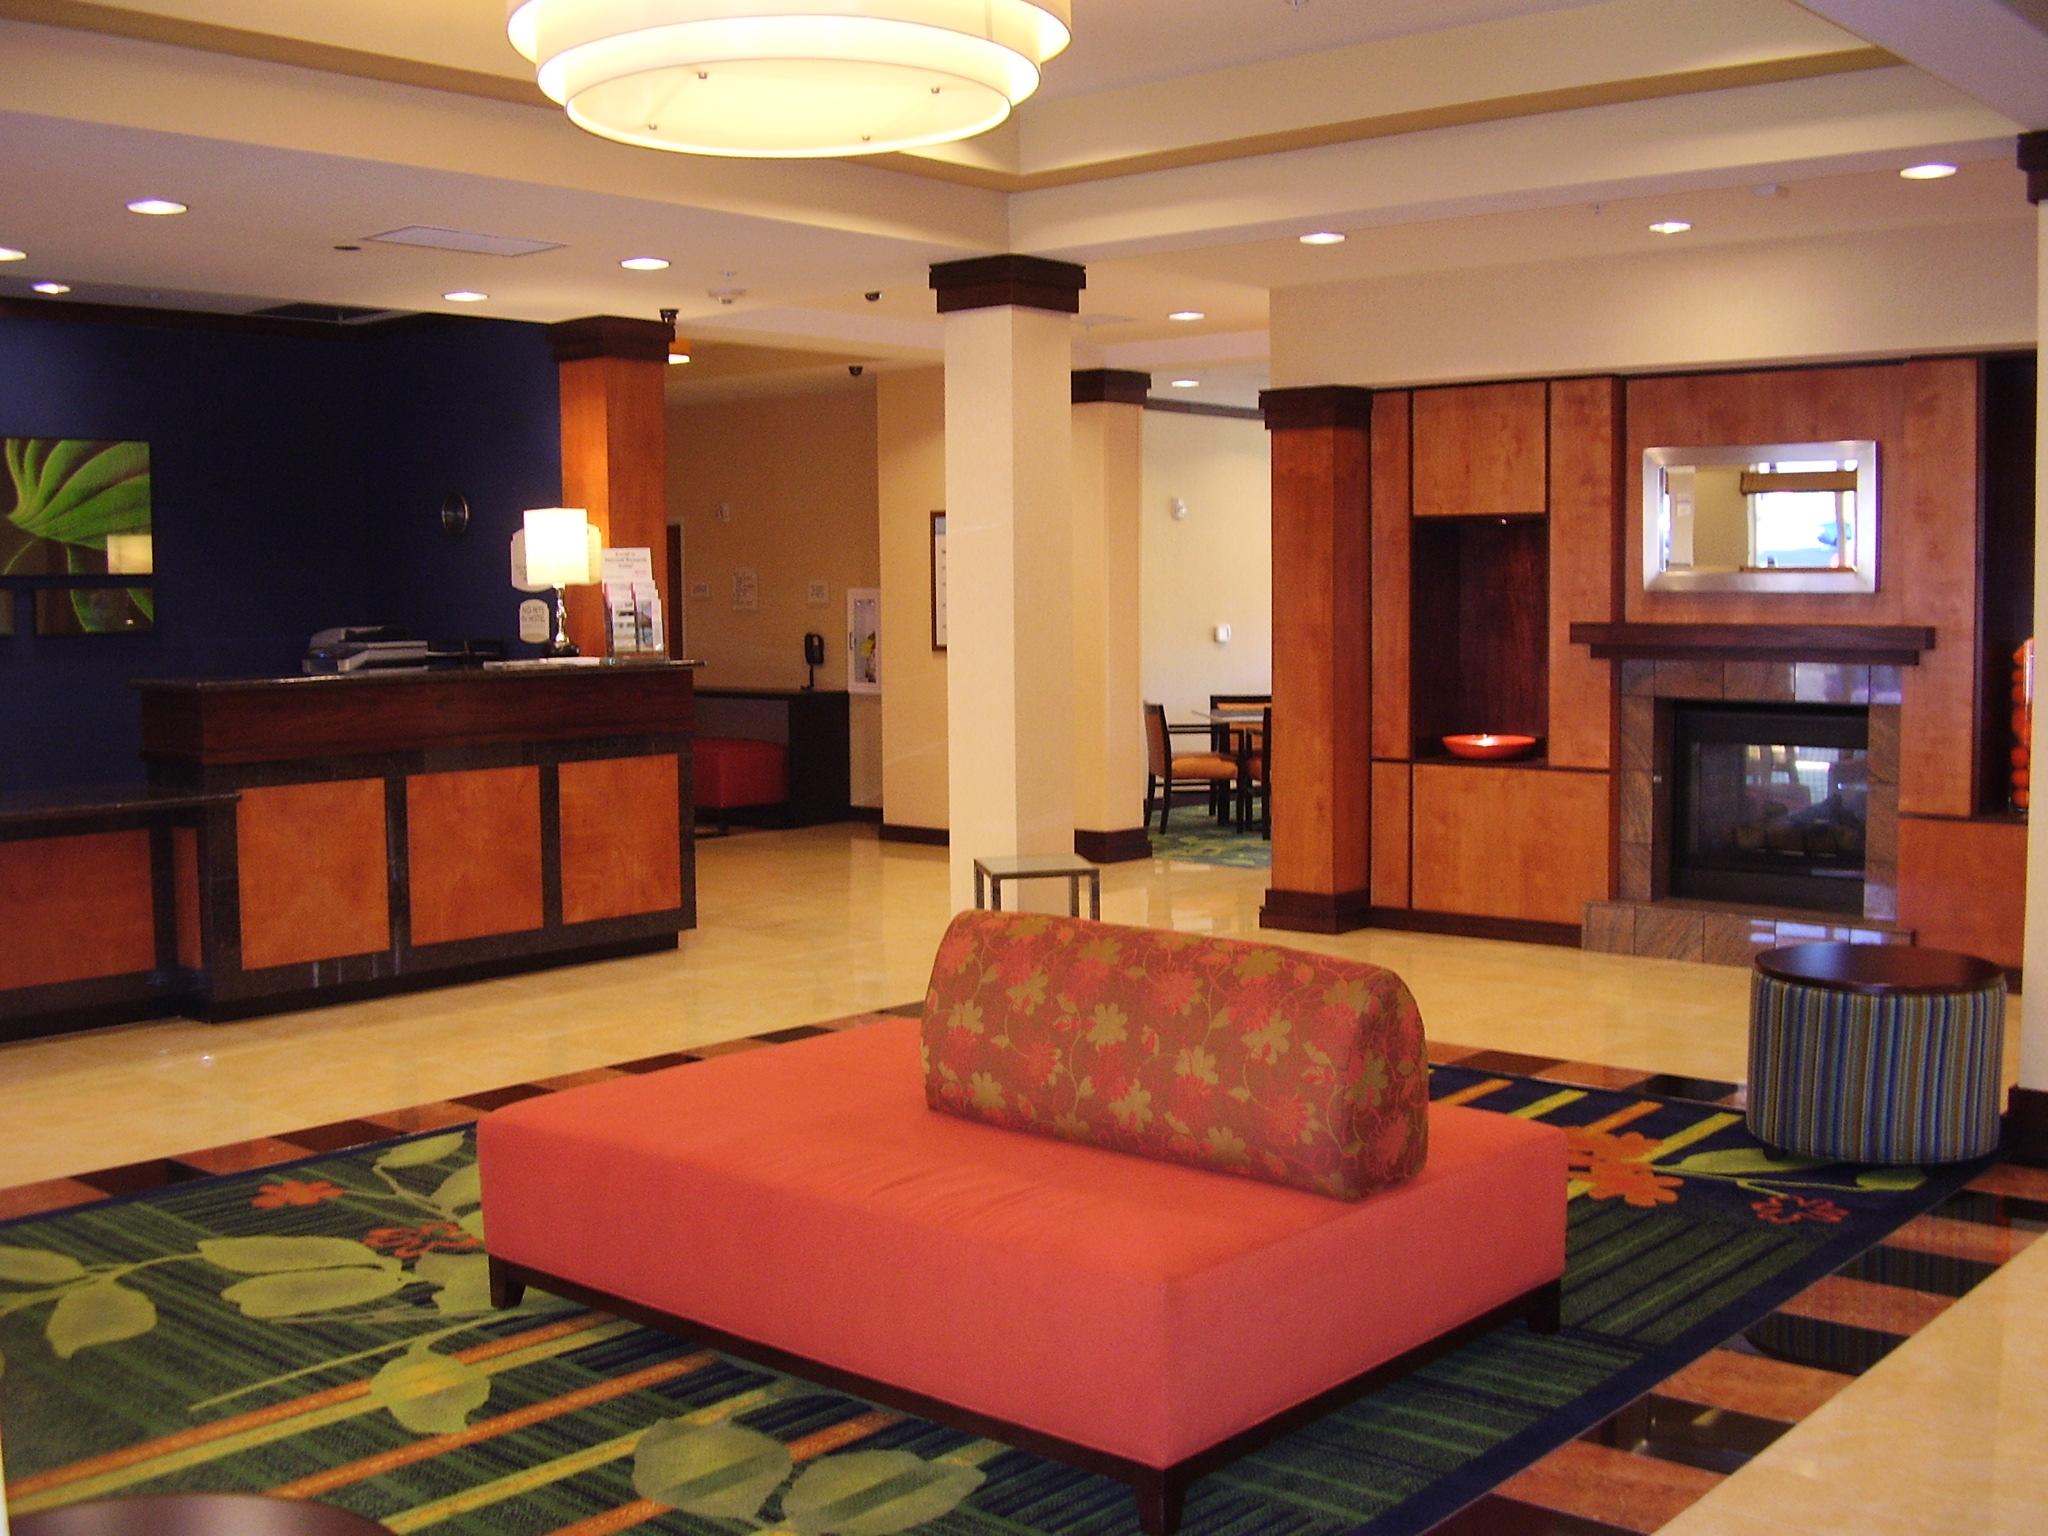 Fairfield Inn & Suites Portland North image 4